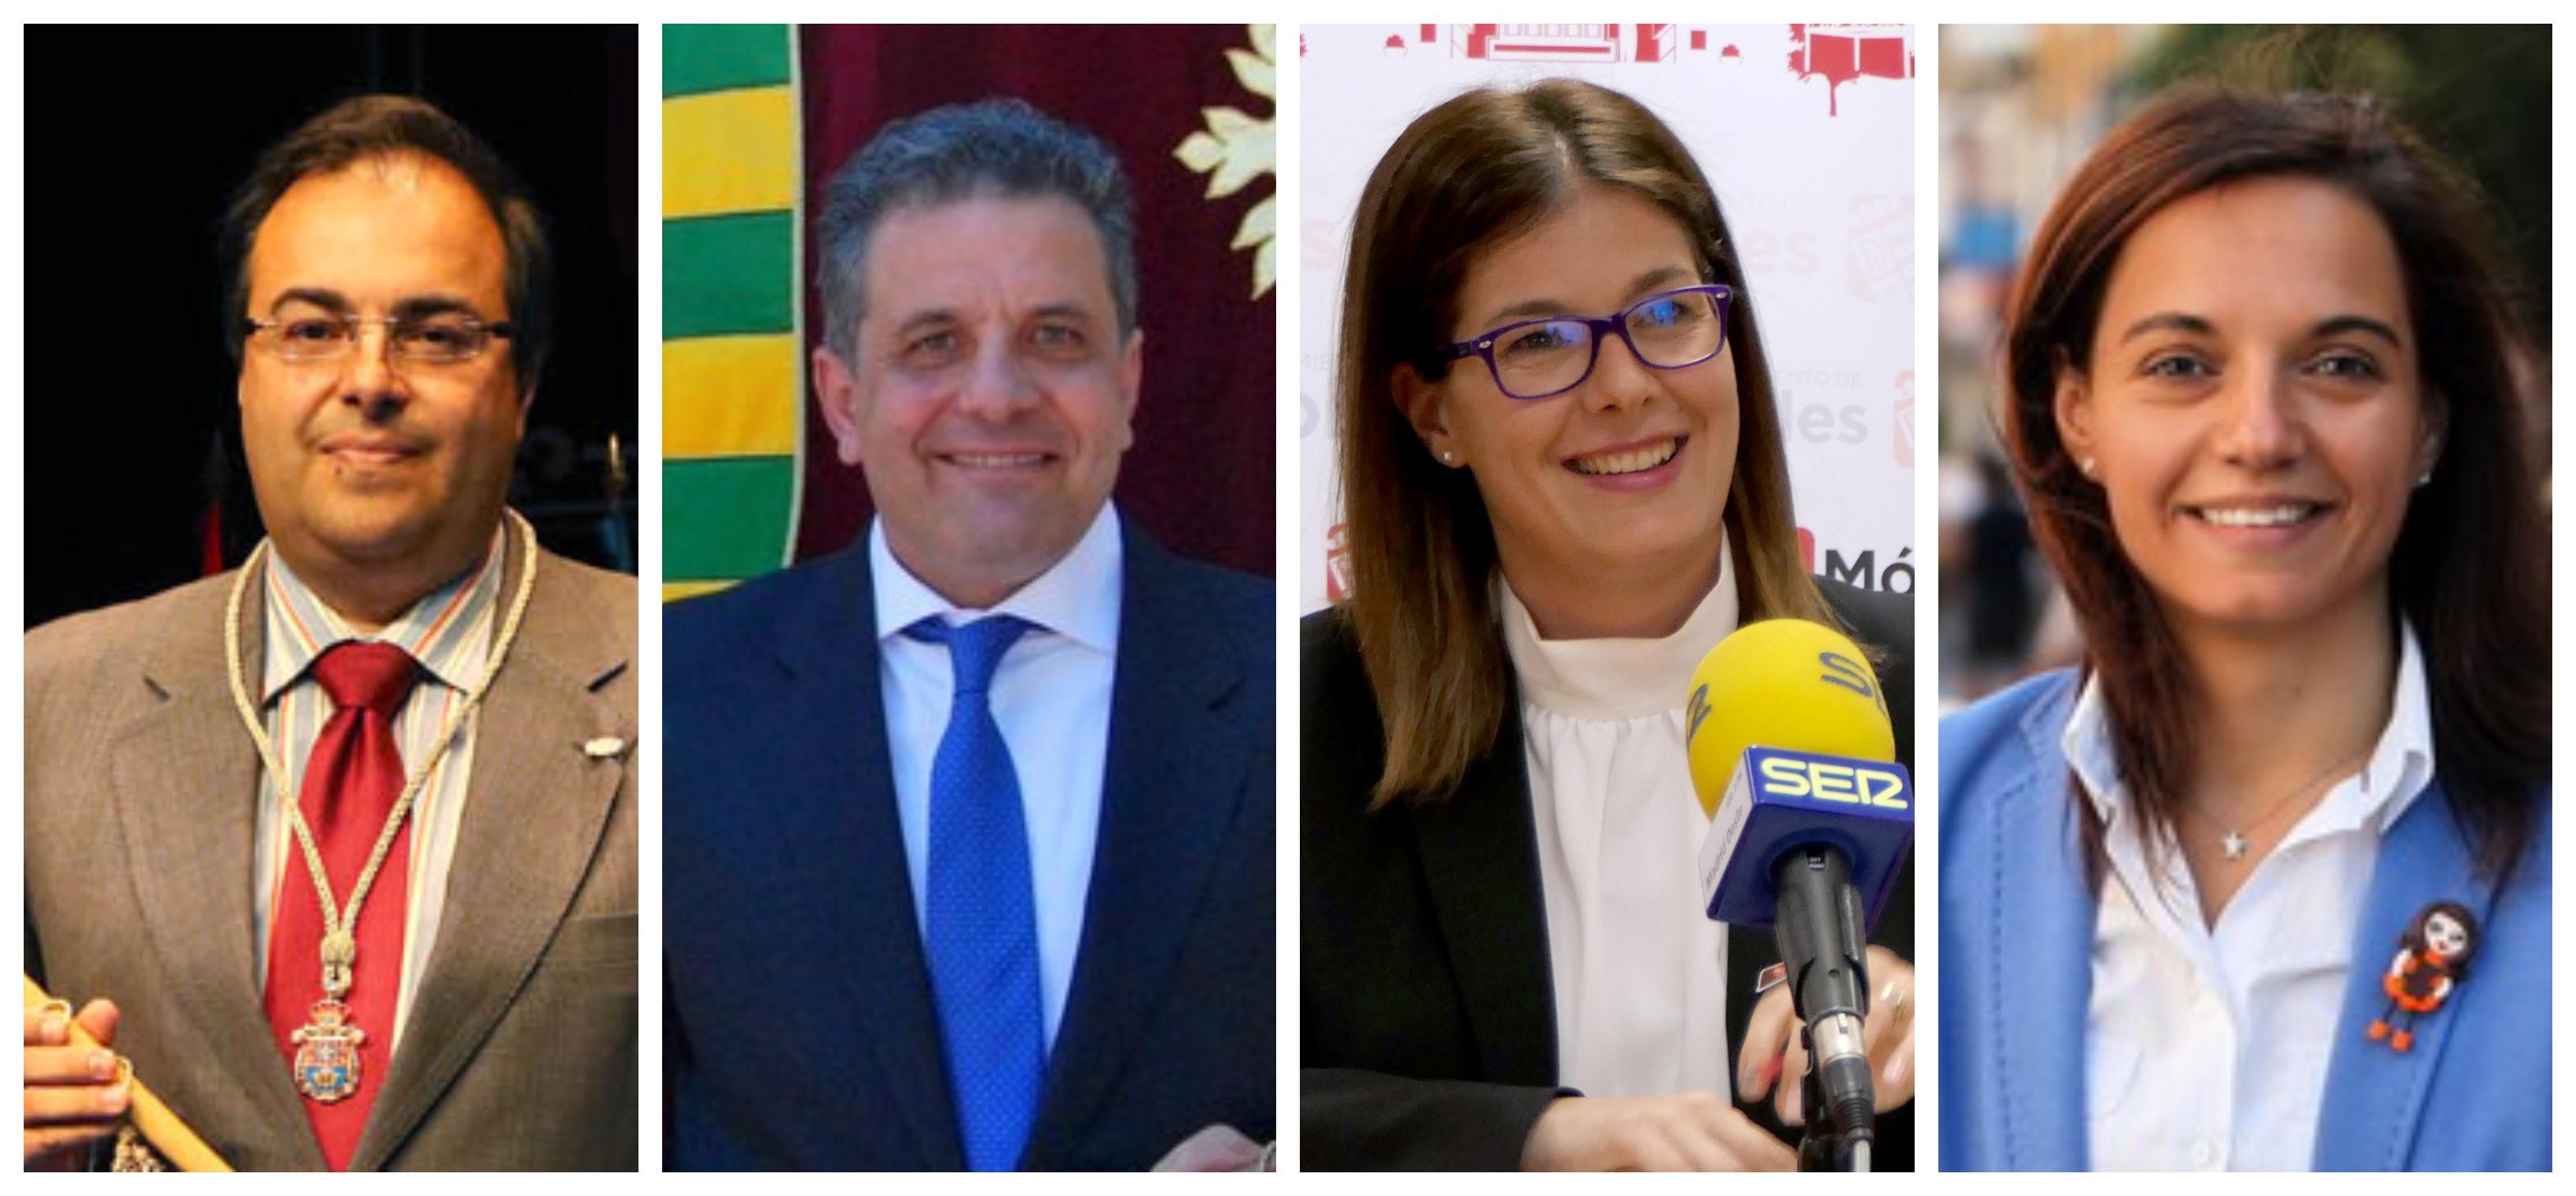 La ruta de la colocación del PSOE de Madrid: así llena de enchufados las nóminas del 'cinturón rojo' del sur